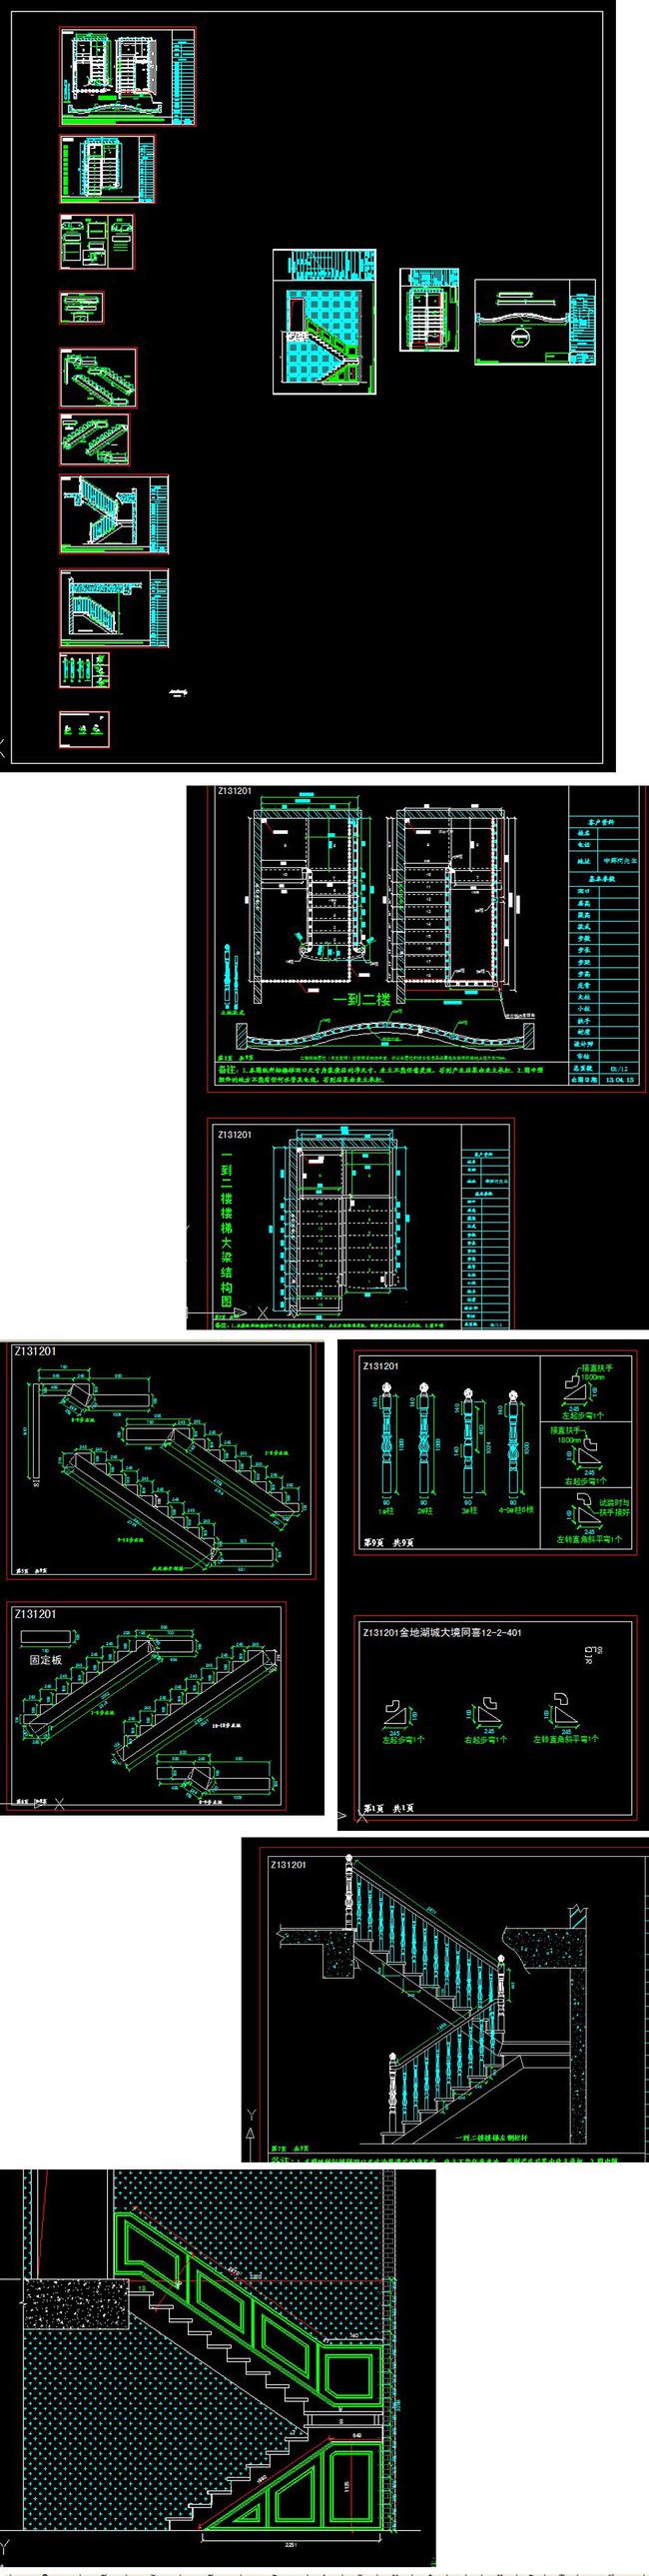 我图网提供独家原创楼梯设计下单图案例正版素材下载, 此素材为原创版权图片,图片,图片编号为12963758,作品体积为,是设计师QQ481206365在2014-12-23 15:03:48上传, 素材尺寸/像素为-高清品质图片-分辨率为, 颜色模式为,所属CAD图纸分类,此原创格式素材图片已被下载5次,被收藏81次,作品模板源文件下载后可在本地用软件 AutoCAD 2004(.